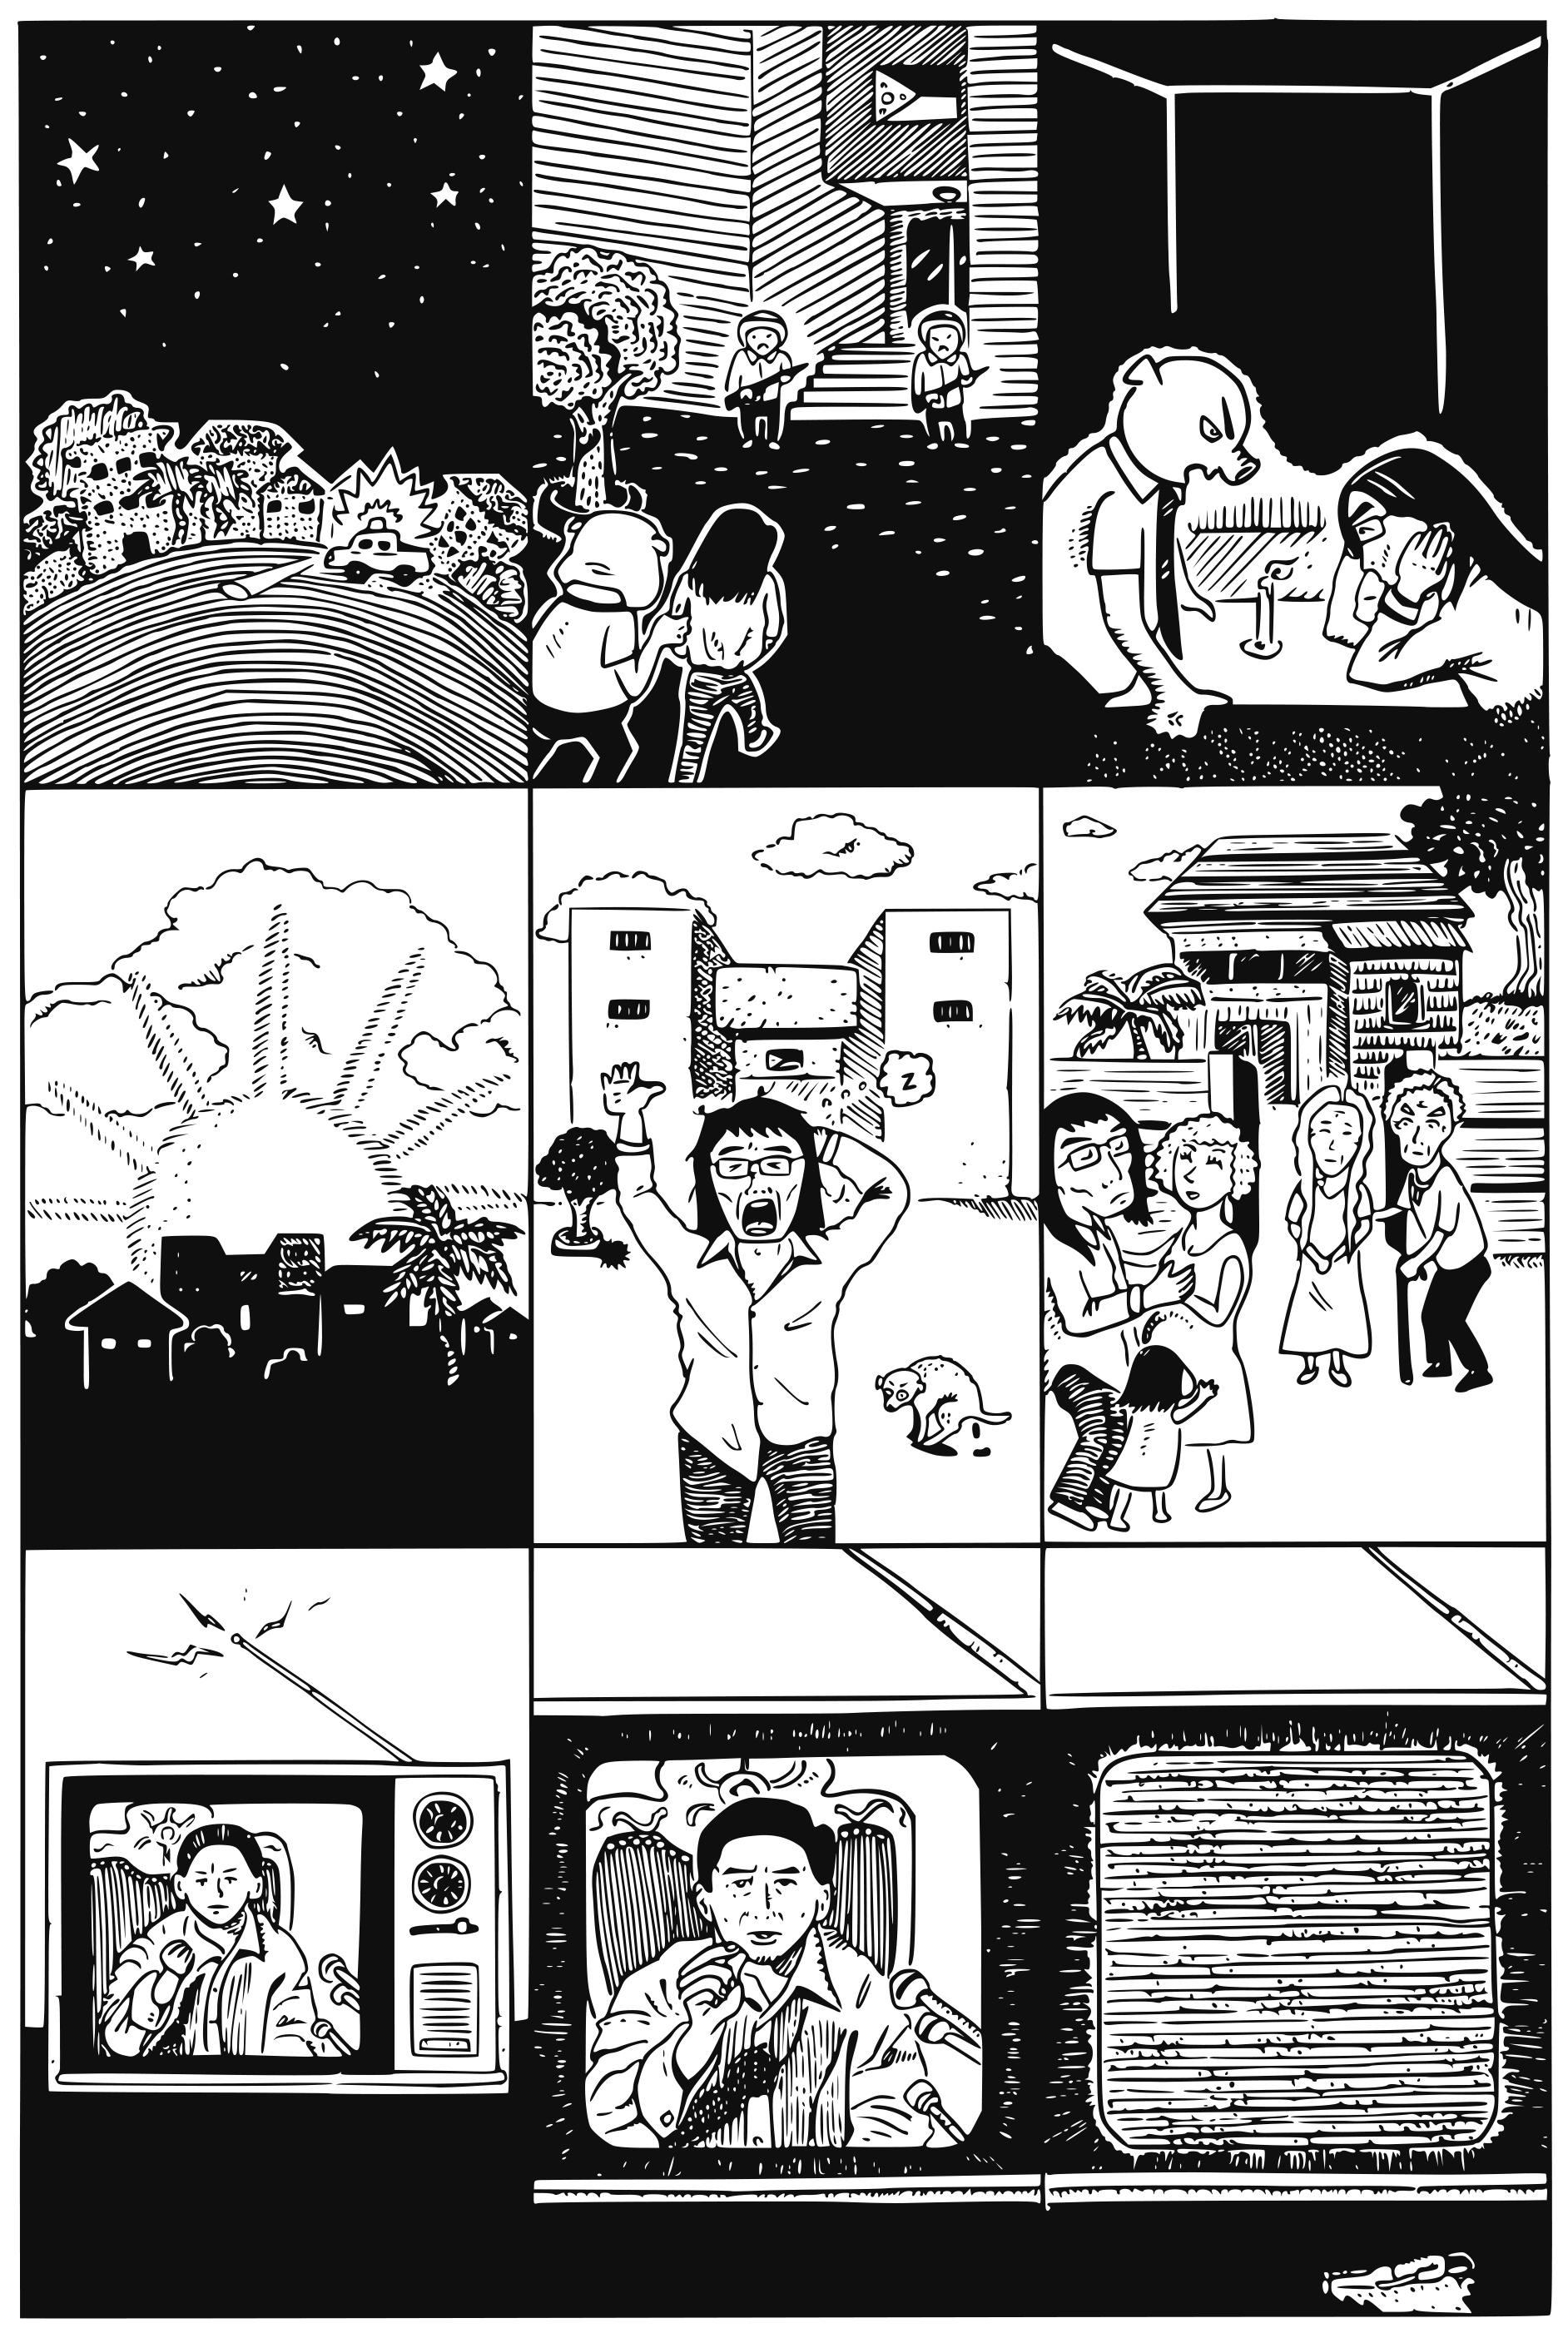 在〈戒嚴番外篇〉中,黃駿取材自岳父母一家在戒嚴令實施前一晚遭警察登門問話的小插曲。